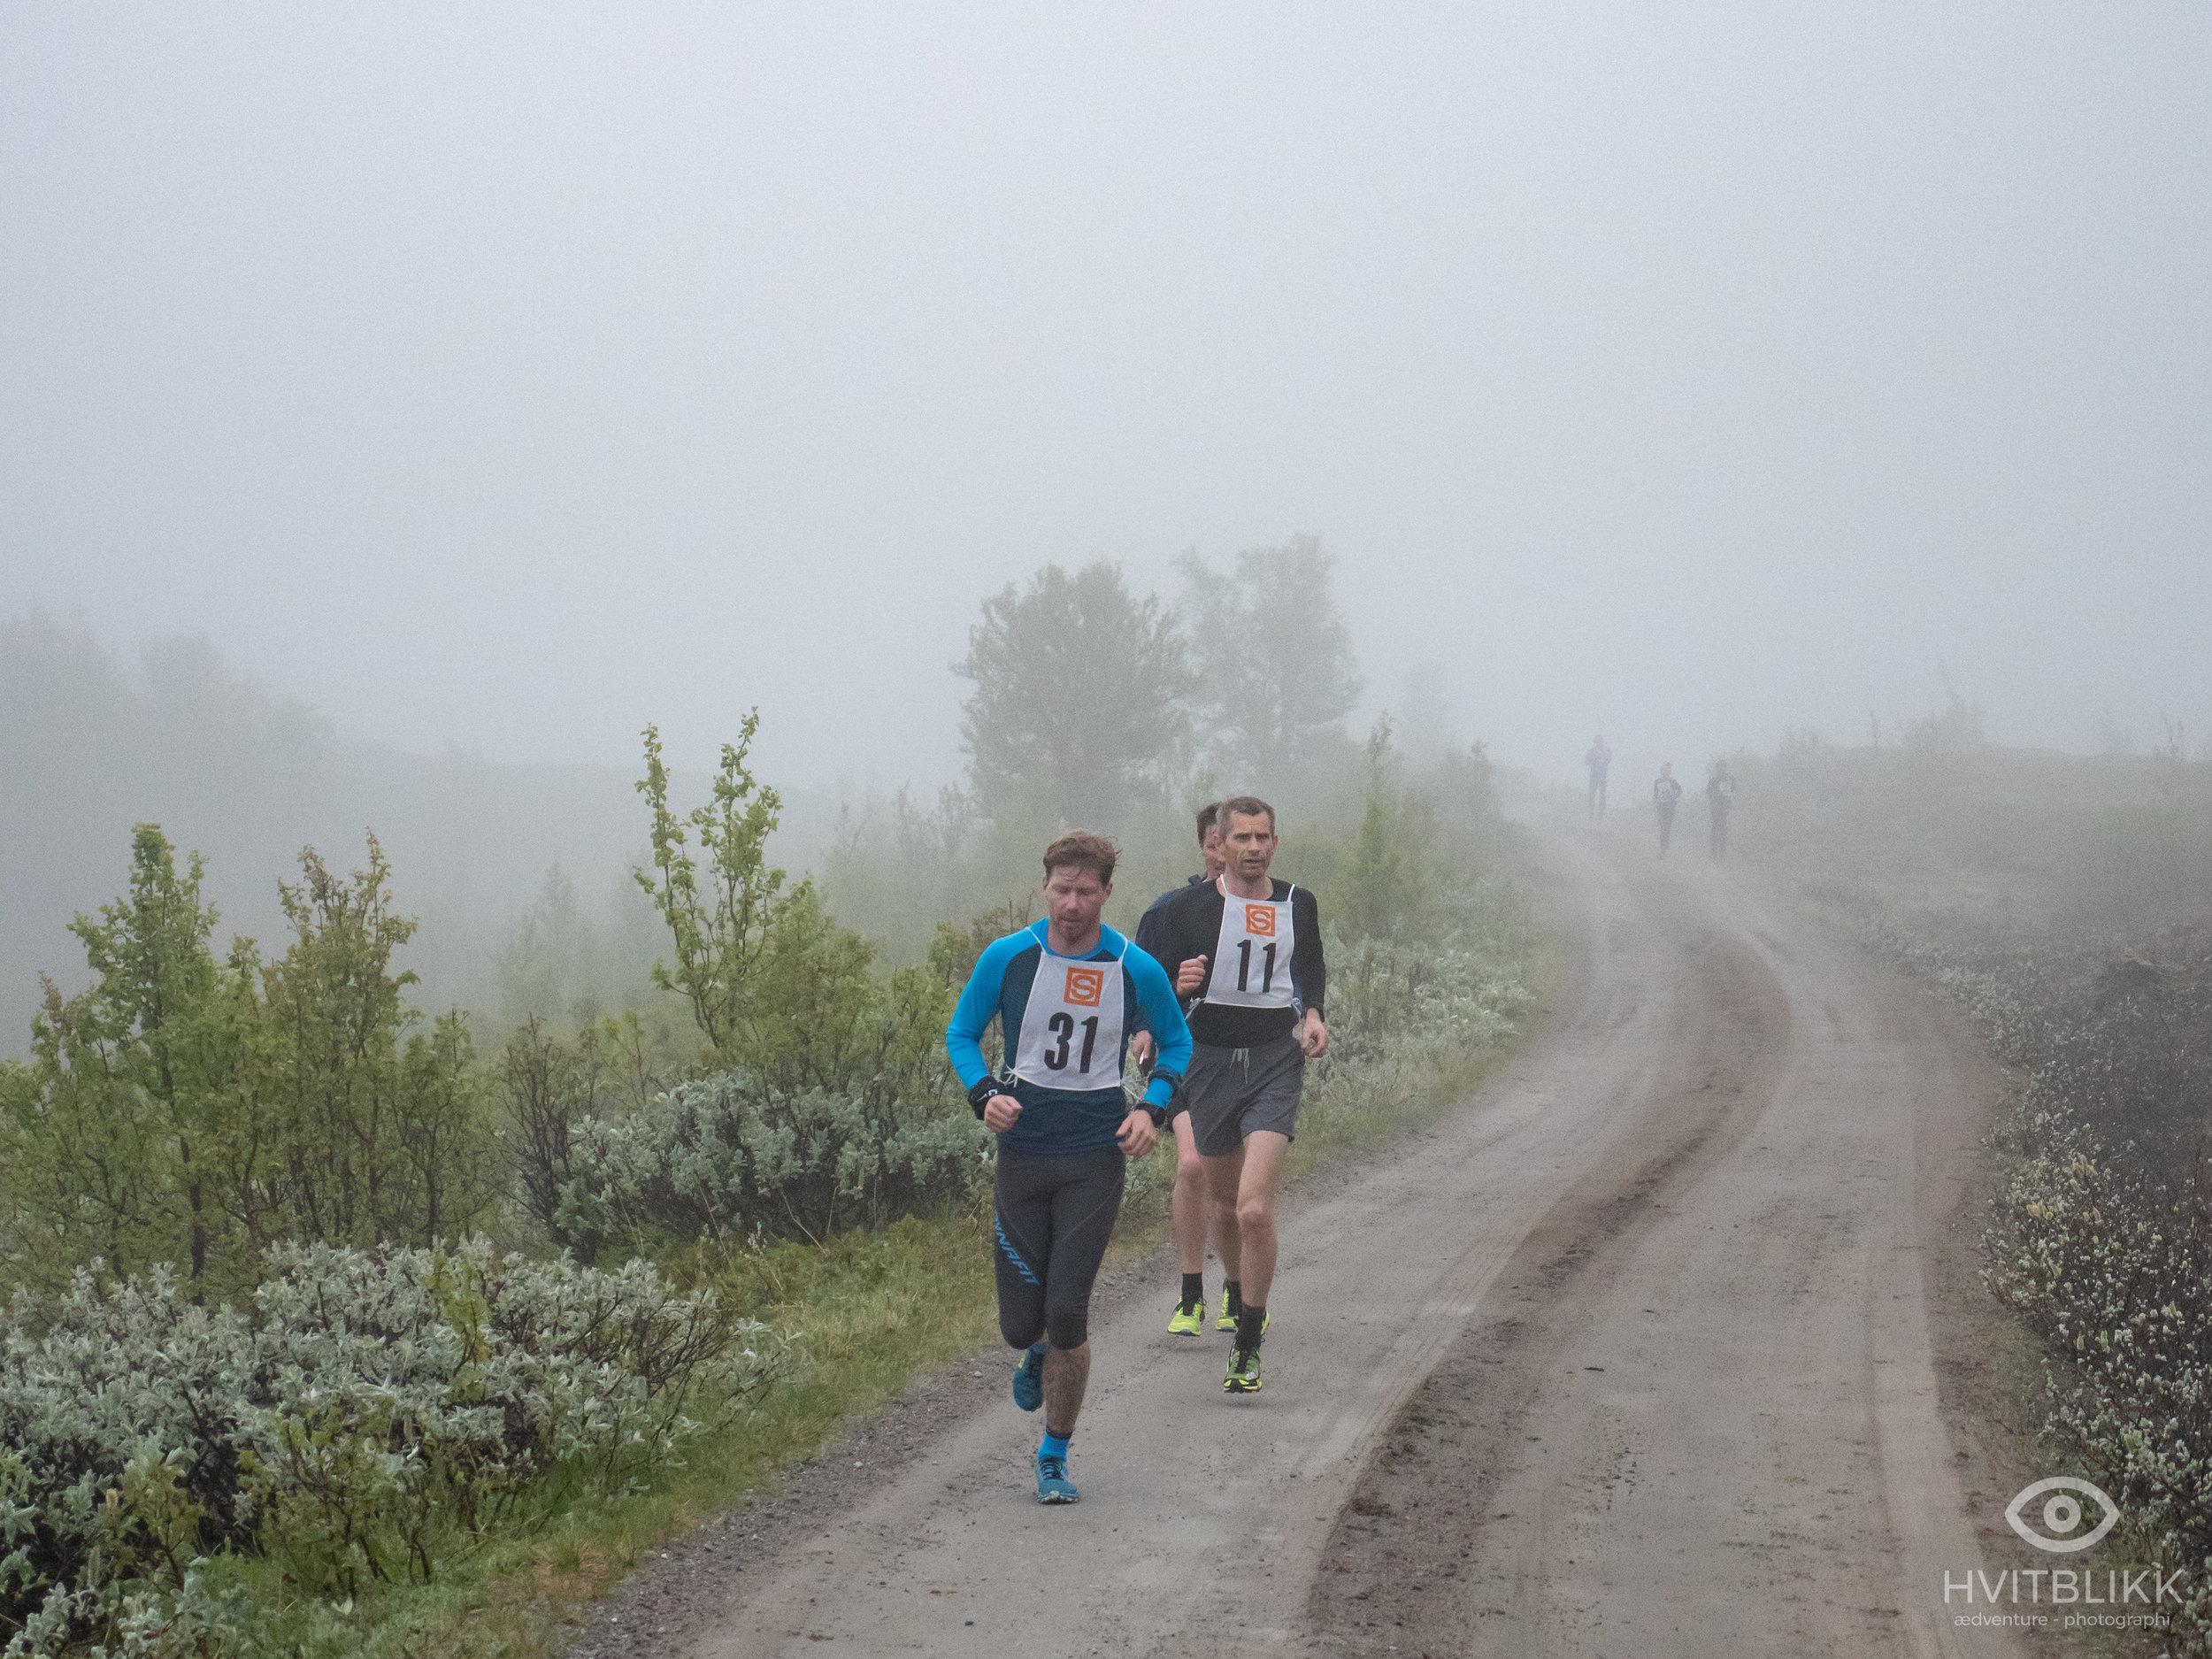 Ellingjord-Hvitblikk_20190621NOR3389.jpg